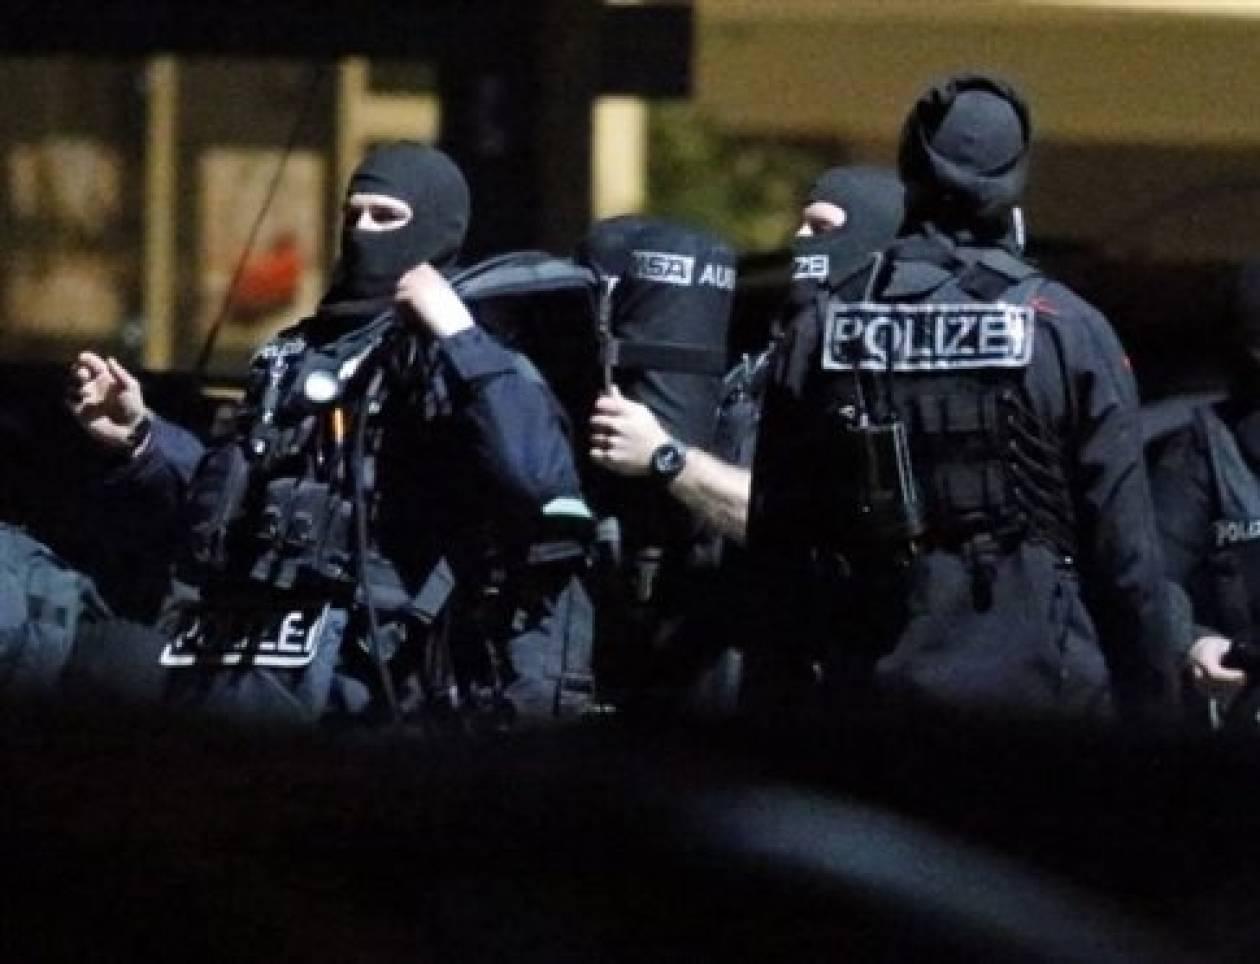 Γερμανία: Υπό πολιορκία εστιατόριο όπου έχει ταμπουρωθεί 36χρονος